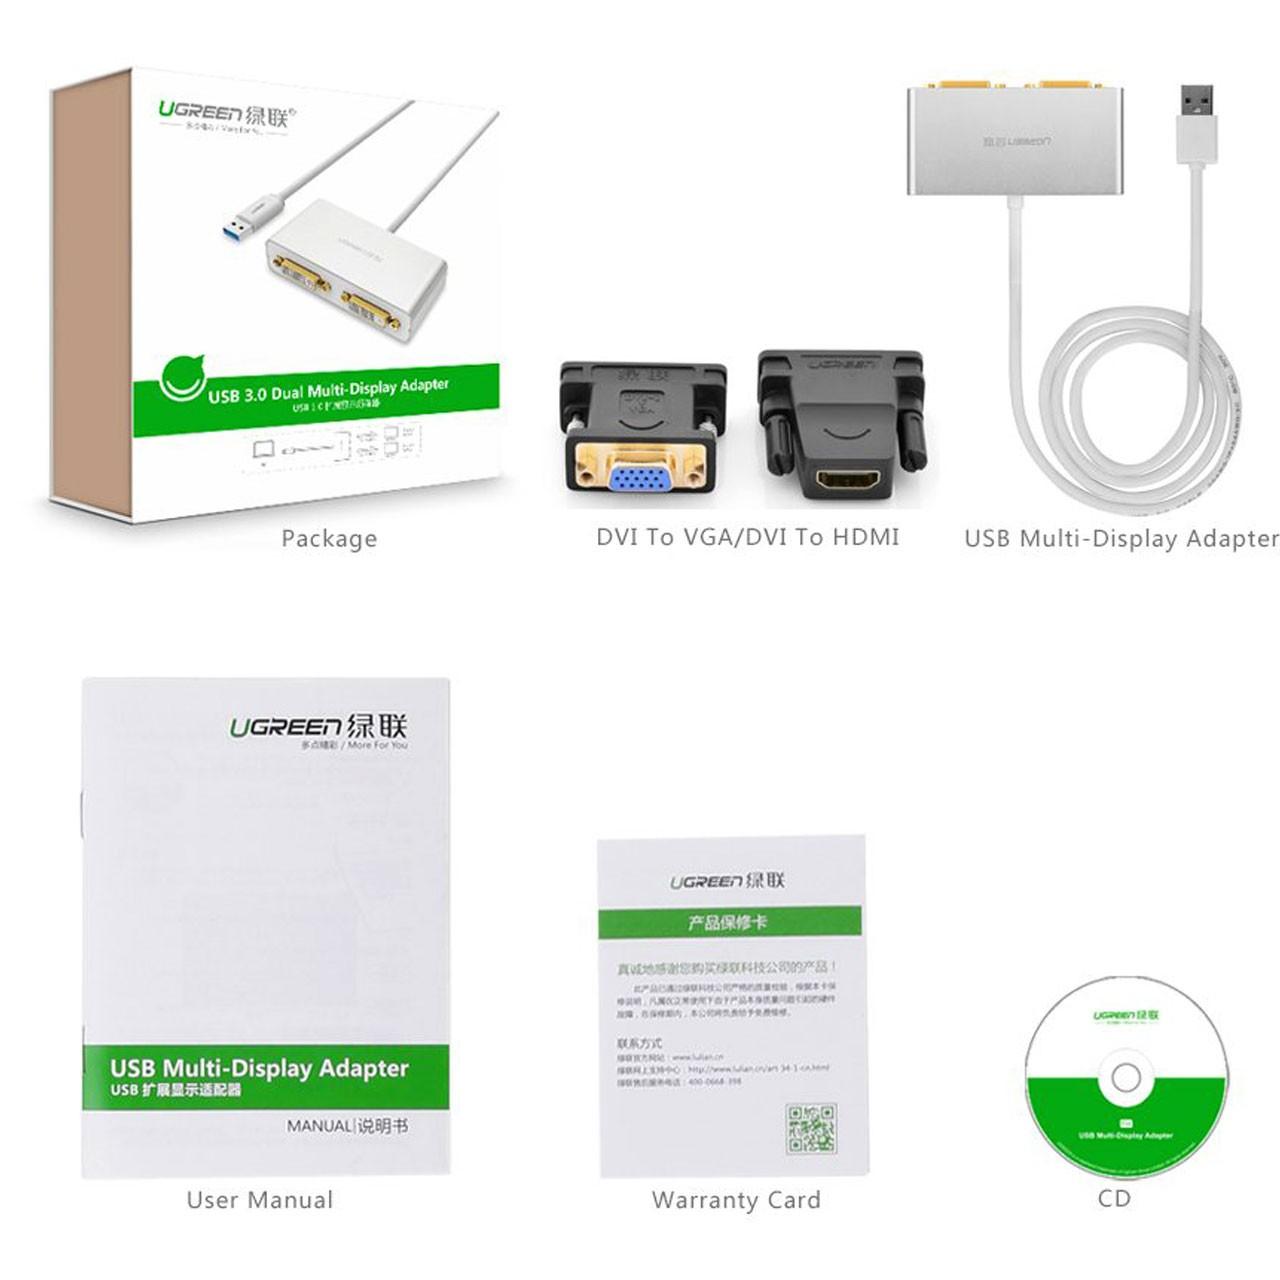 گرافیک مجازی حرفه ای 2 تصویر از یک سیستم کامپیوتر از USB 3.0 بهDVI / HDMI / VGA مدل 40246